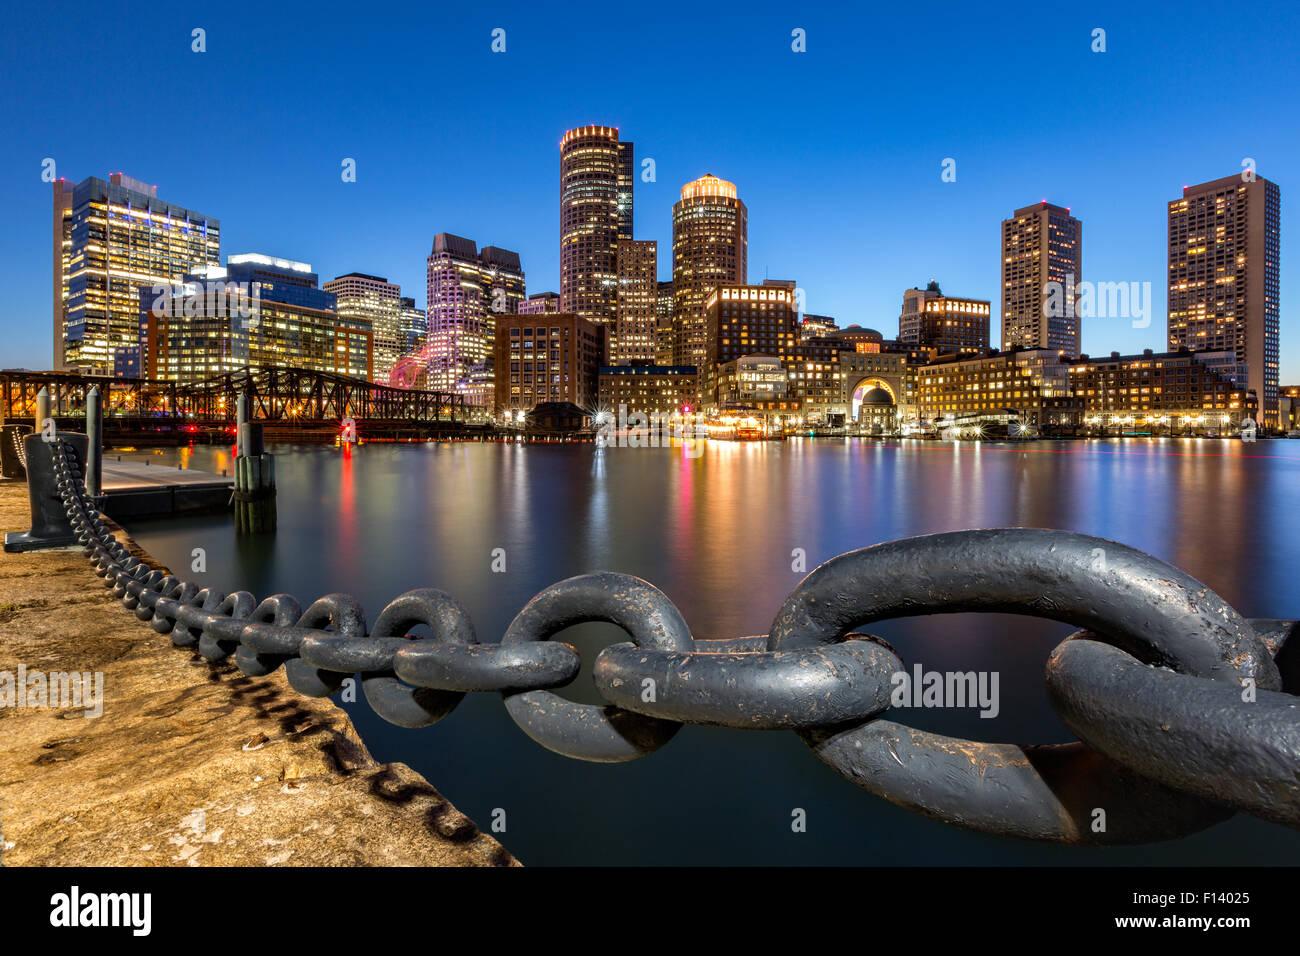 Horizonte de Boston al atardecer visto desde el Fan Pier Park. Imagen De Stock